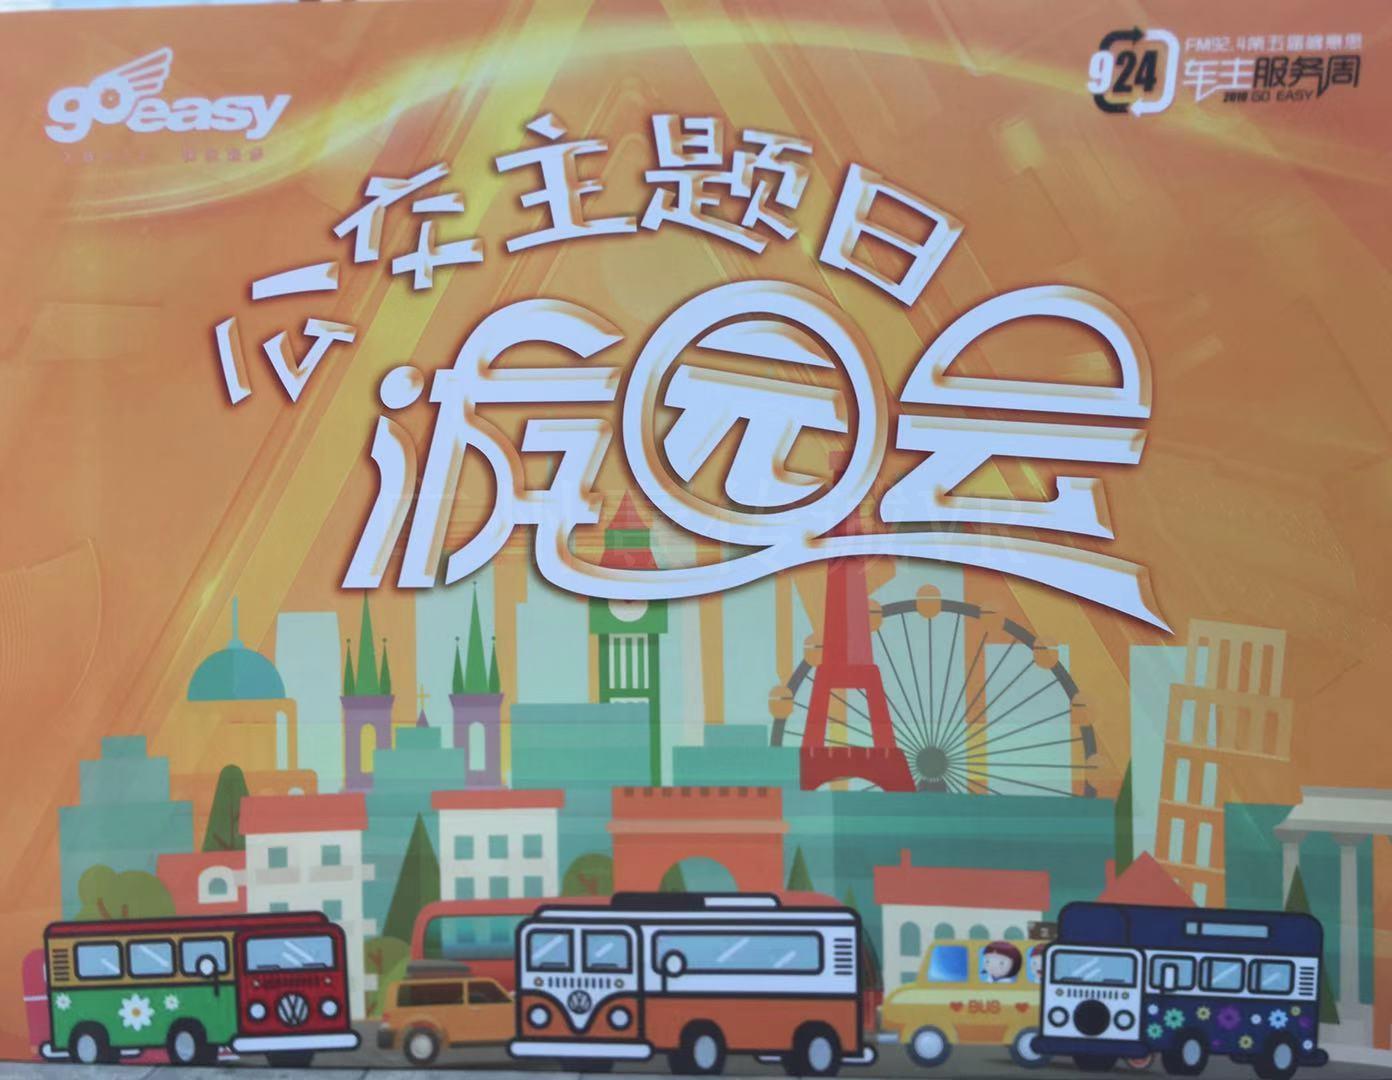 http://www.gyw007.com/kejiguancha/513919.html